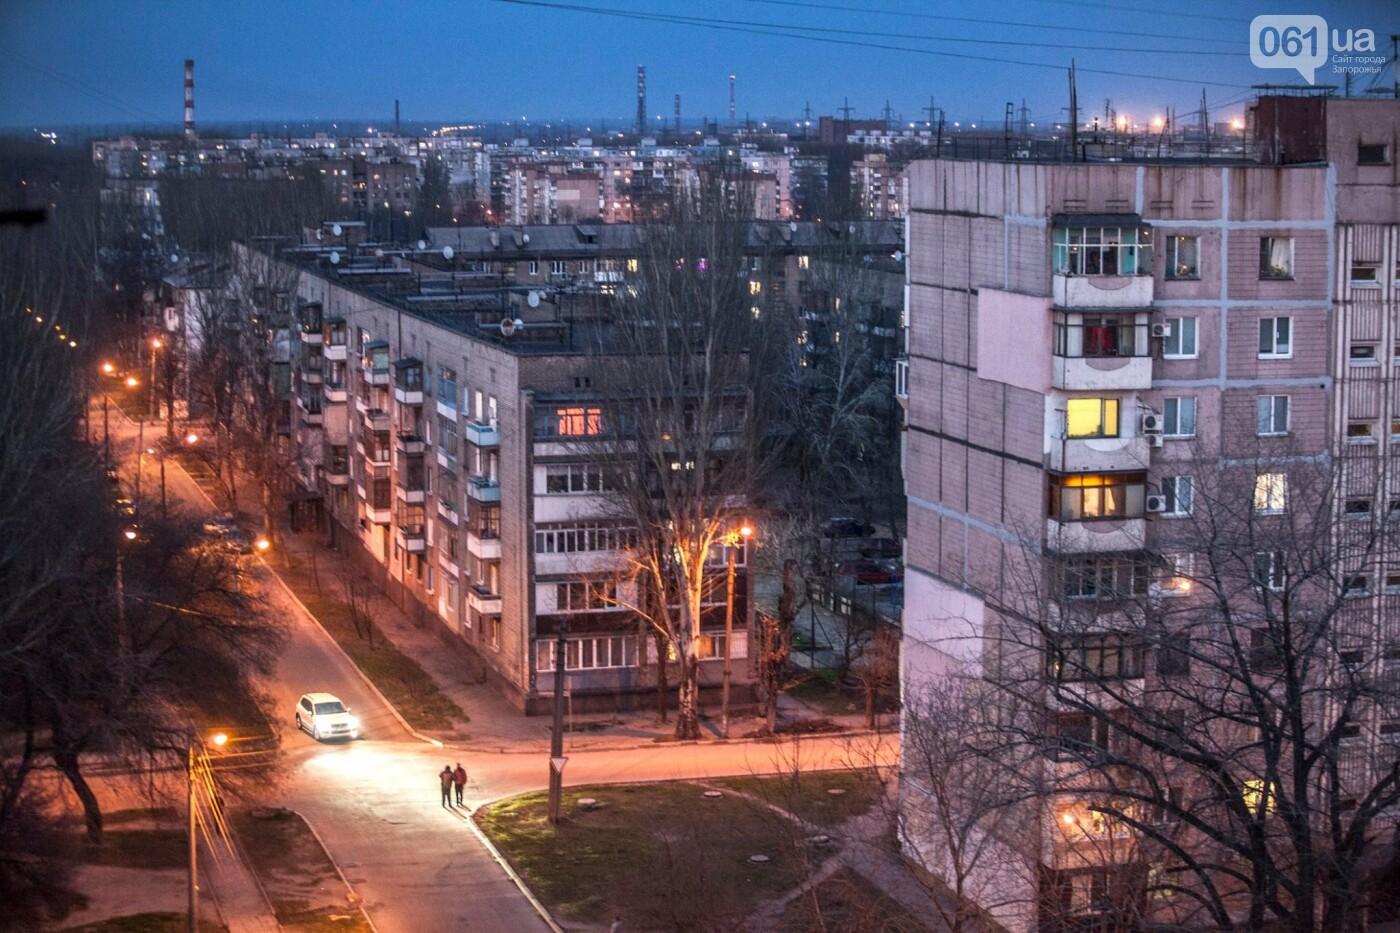 Киевский фотограф показал Кичкас в 50 фотографиях: «своя особая красота», - ФОТОРЕПОРТАЖ, фото-8